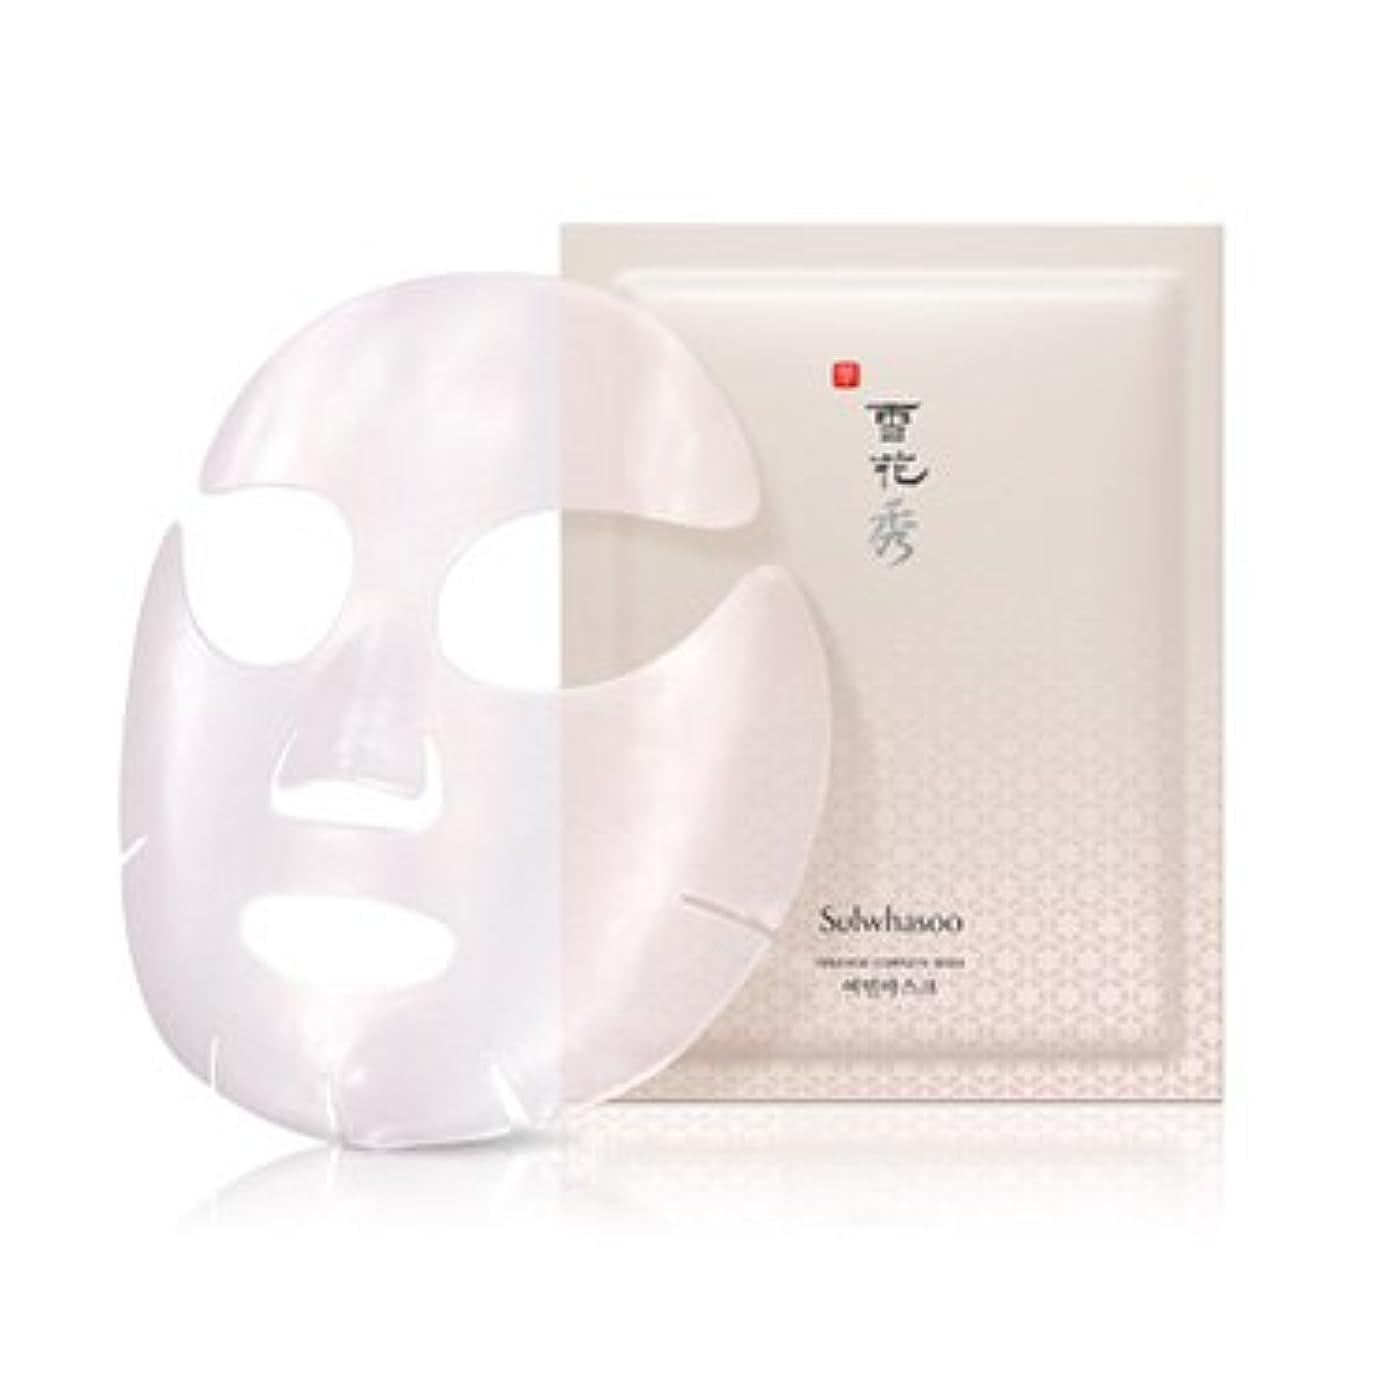 タヒチ買い手俳句雪花秀(ソルファス)ヨミンマスク(Innerise Complete Mask)5枚入